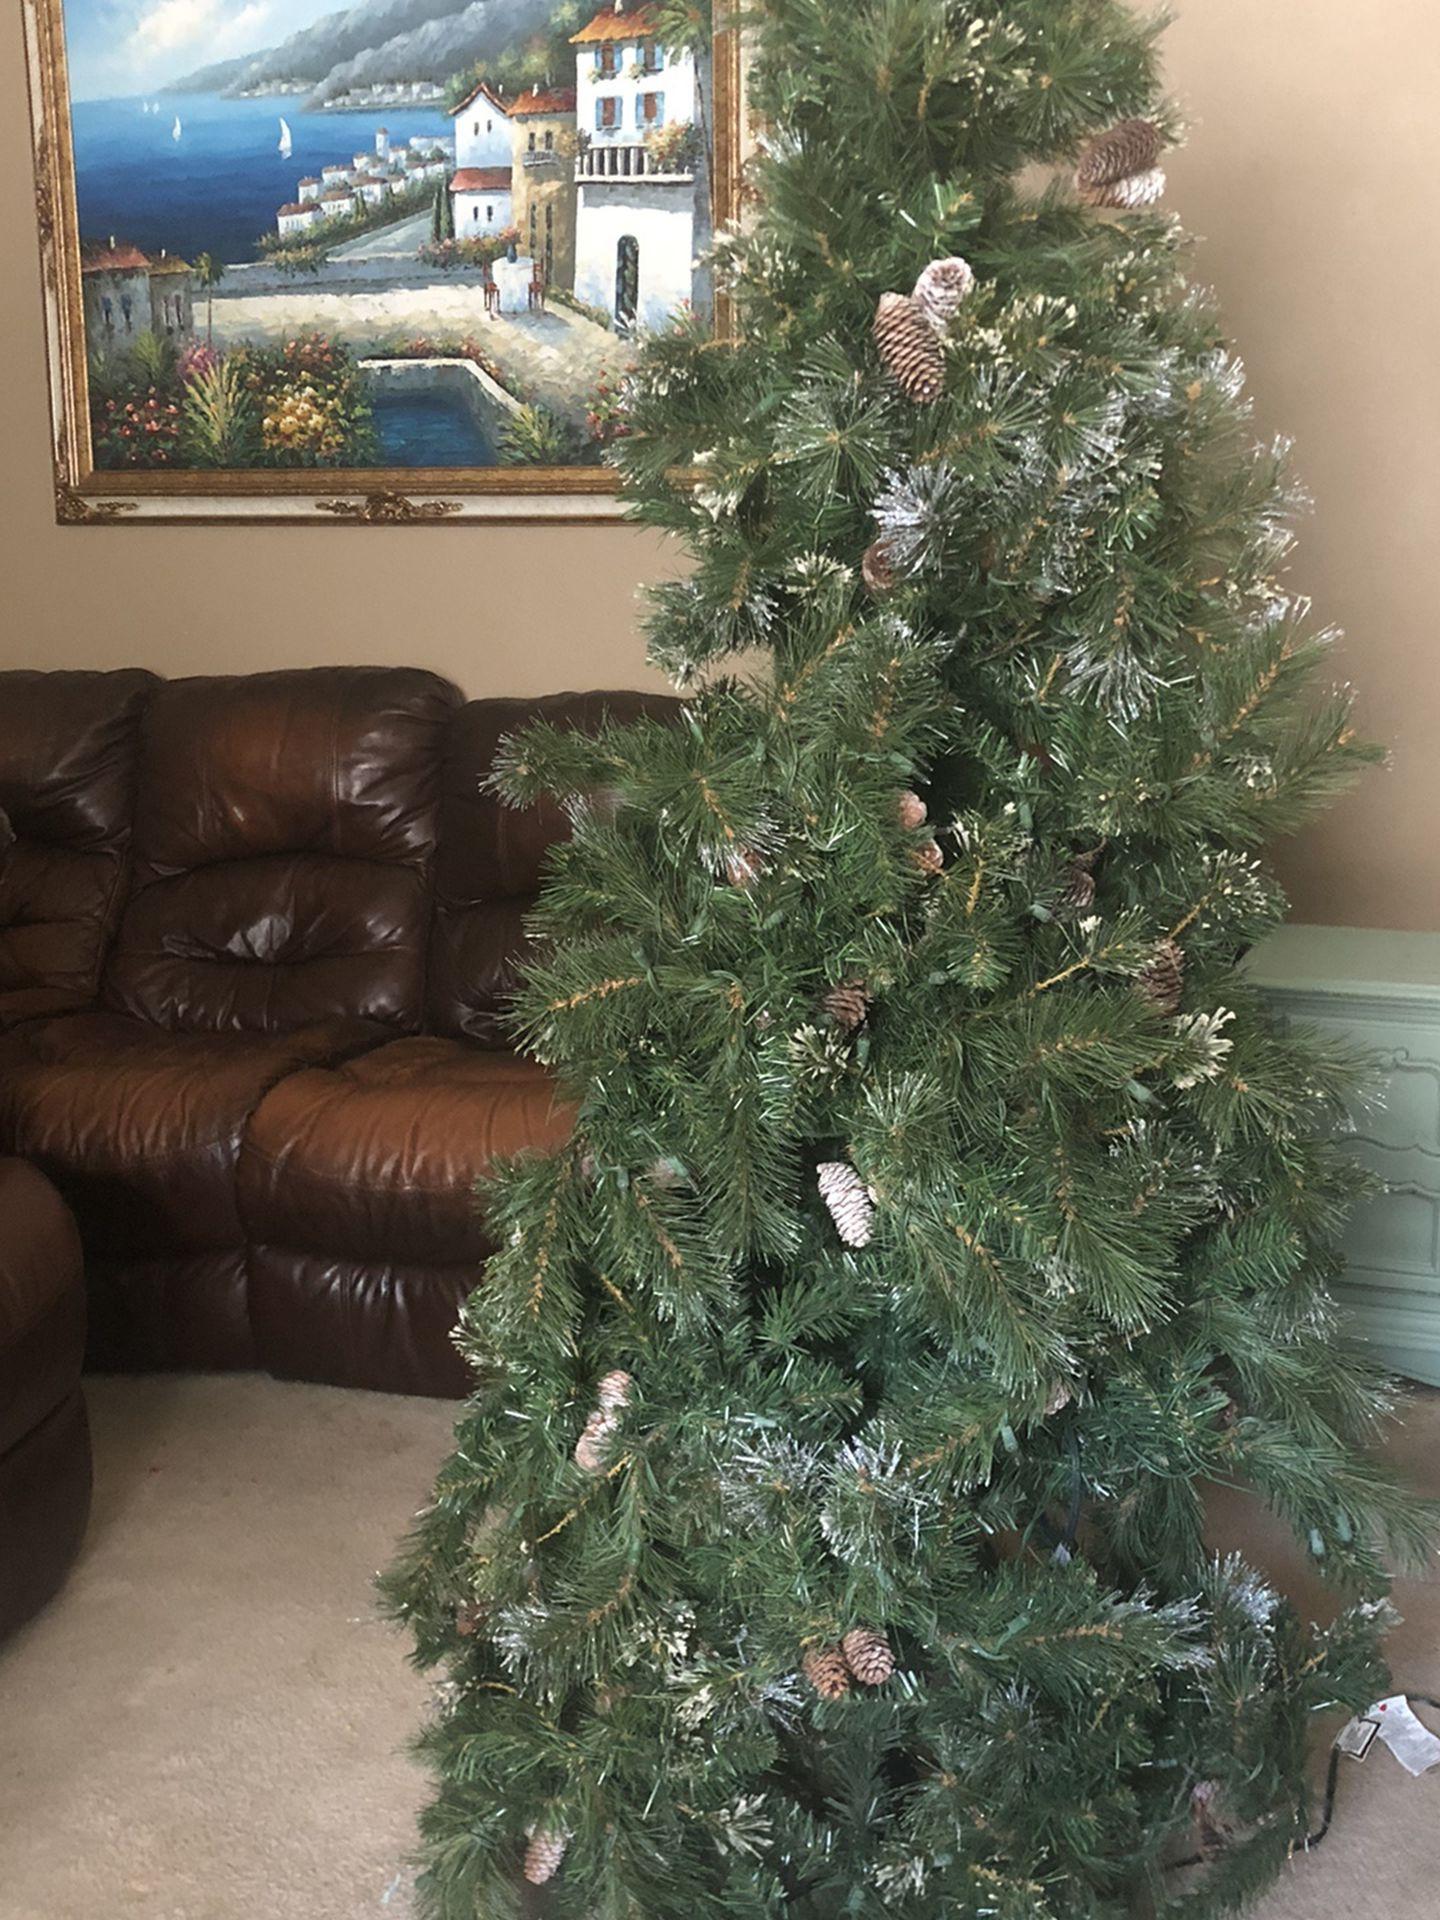 6 Ft Christmas Tree $30